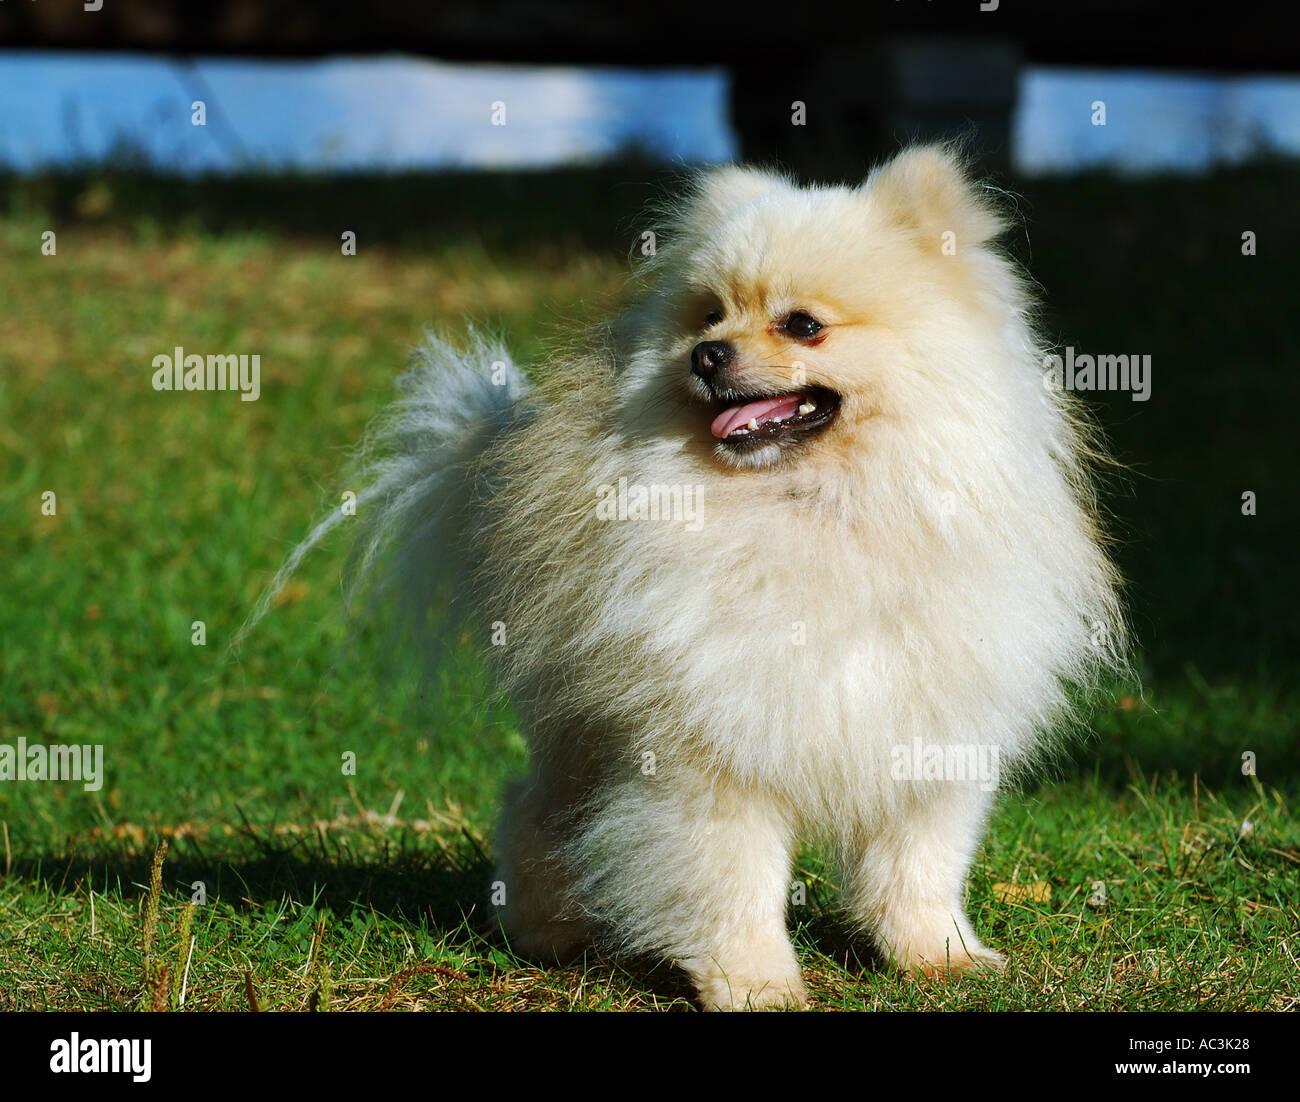 White Pomeranian Stock Photos White Pomeranian Stock Images Alamy